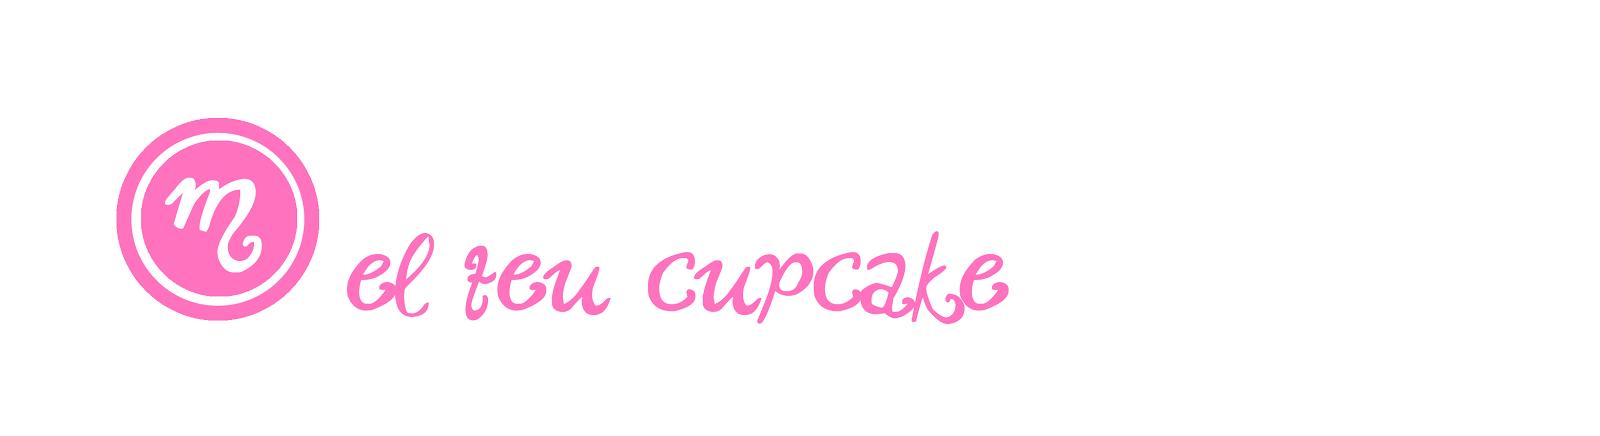 El teu cupcake